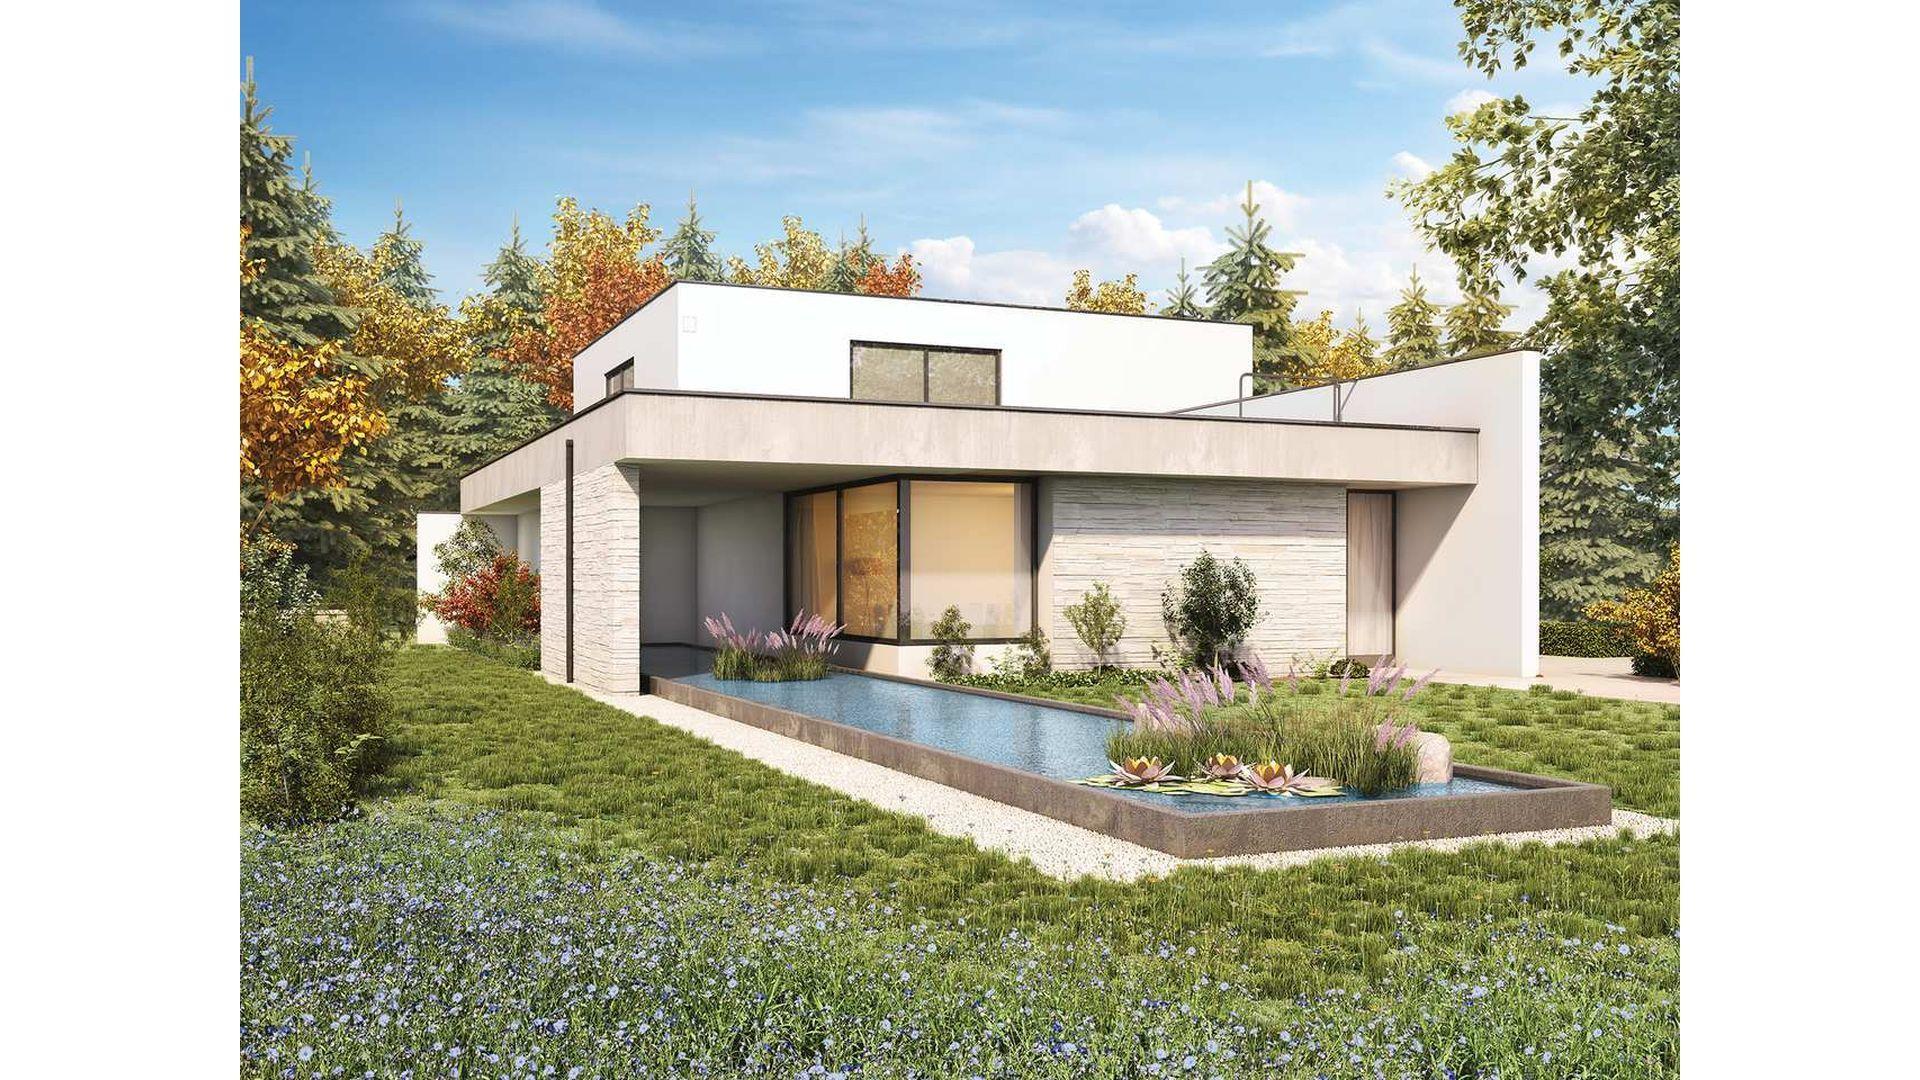 W ostatnich latach coraz większą popularnością cieszą się domy o minimalistycznej bryle. Inwestorzy pokochali je przede wszystkim ze względu na prostotę formy, a architekci za obecną w tym nurcie geometryczność. Fot. Galeco